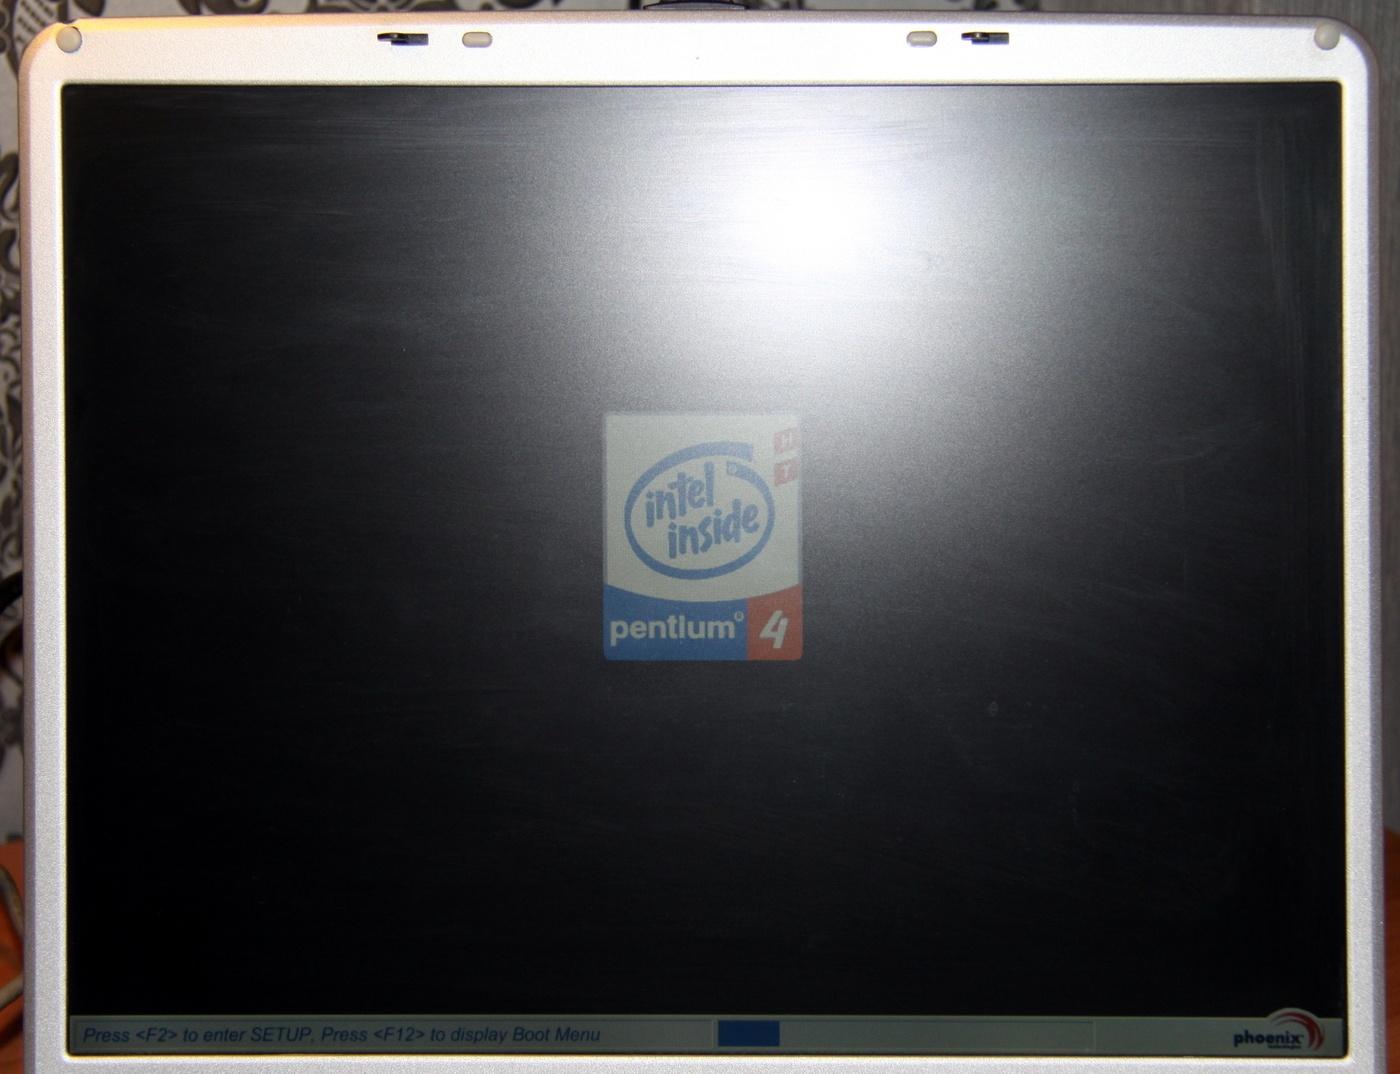 Обзор отечественного ноутбука iRU Brava-4215COMBO, выпущенного в 2004 году (Часть 1) - 18